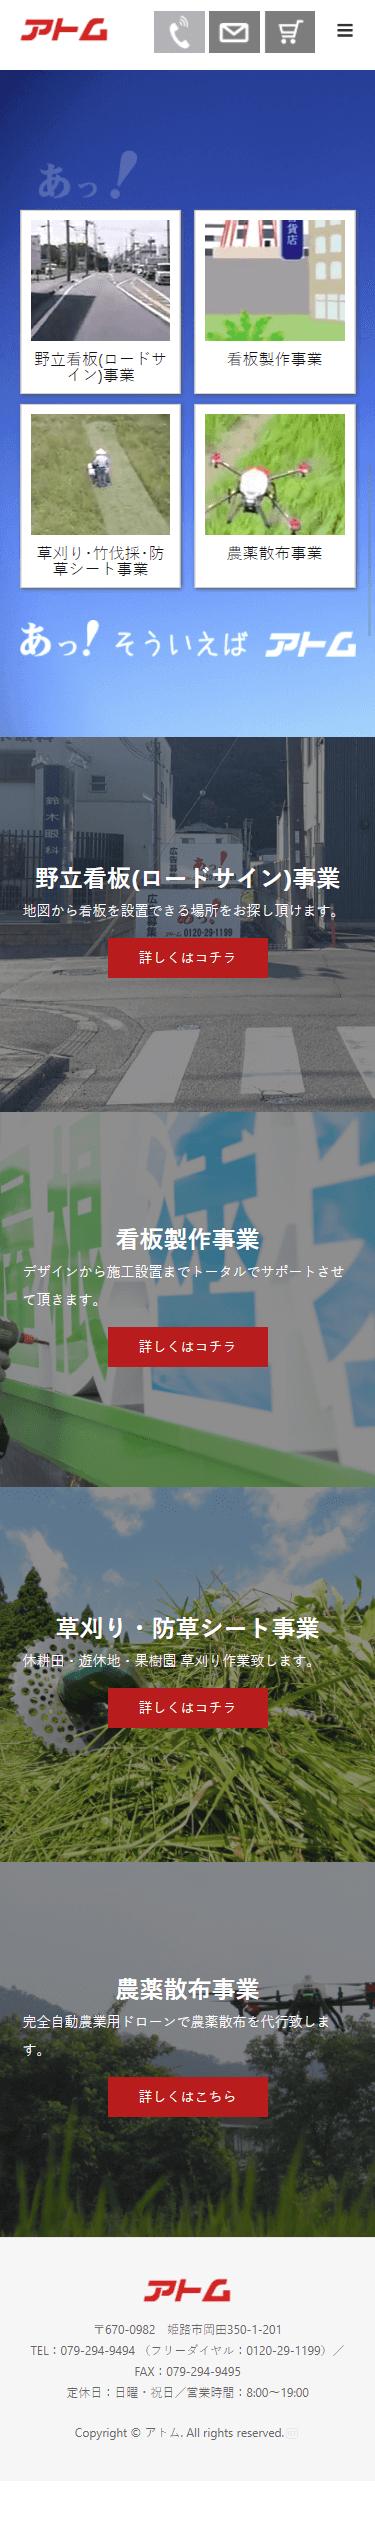 姫路市 アトム ホームページ制作3